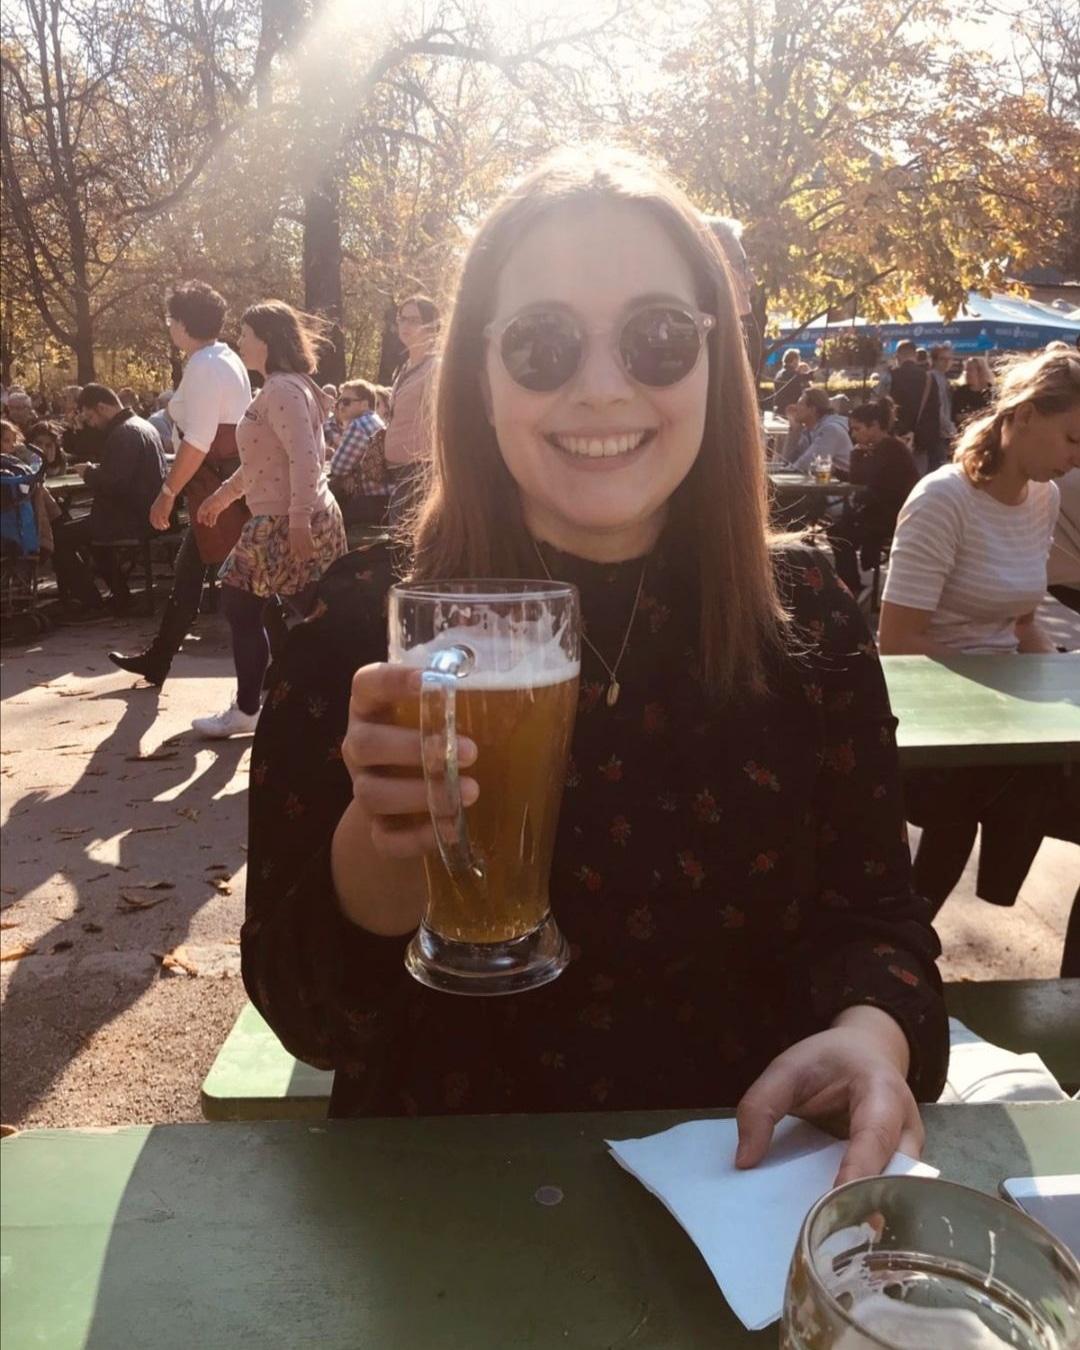 Bier in einem Münchener Biergarten